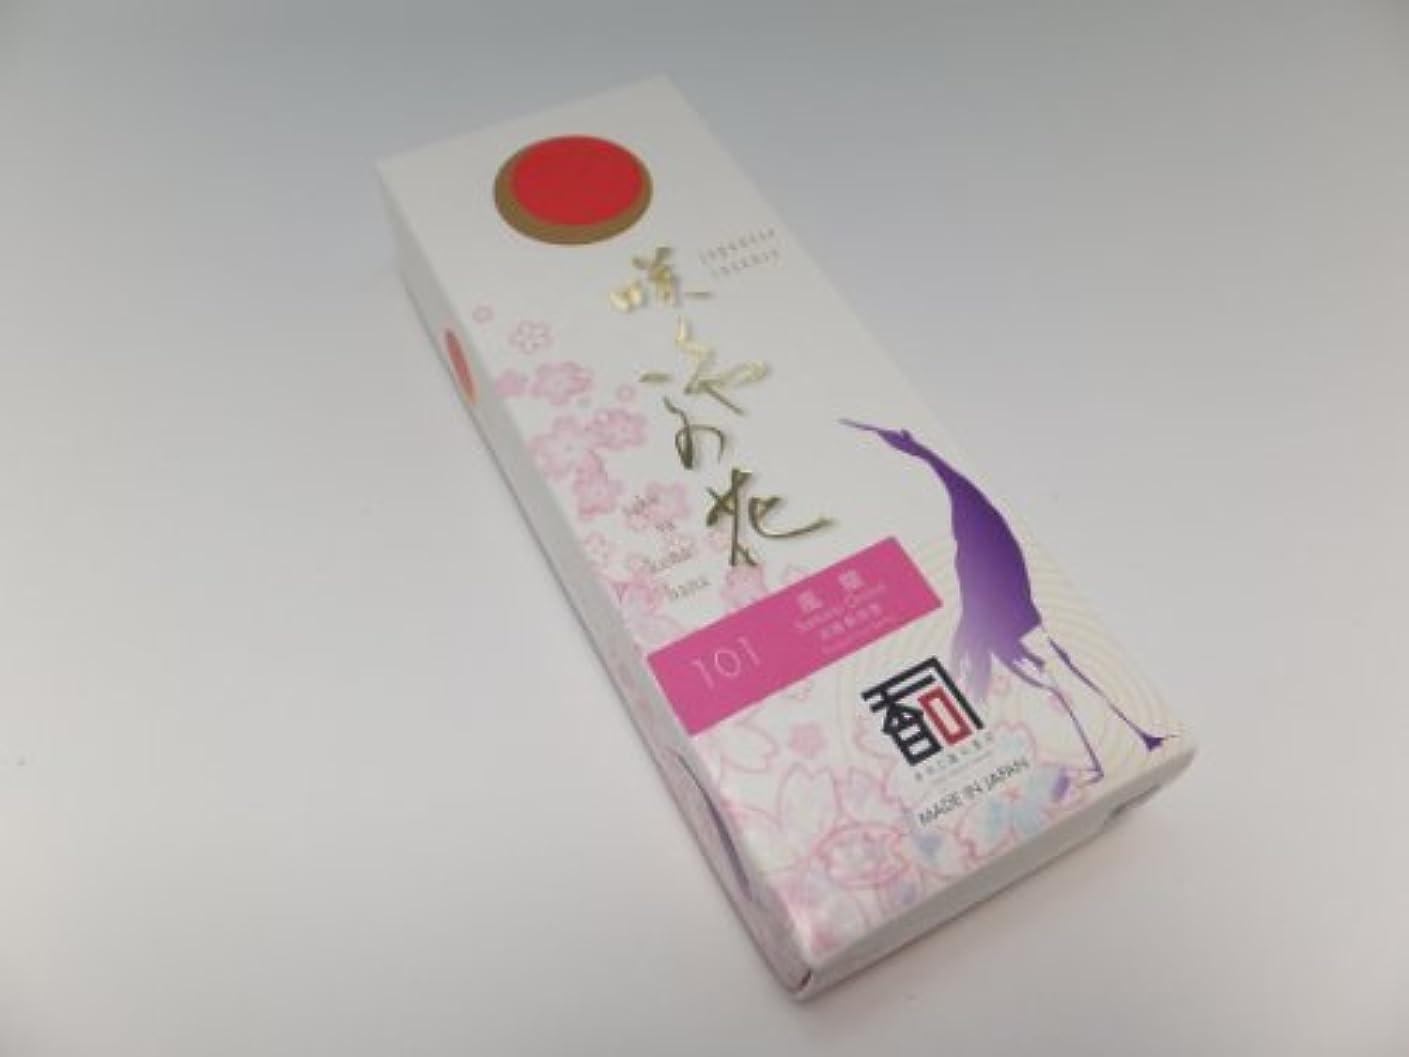 ペルーヘビミルク「あわじ島の香司」 日本の香りシリーズ  [咲くや この花] 【101】 風蘭 (煙少)